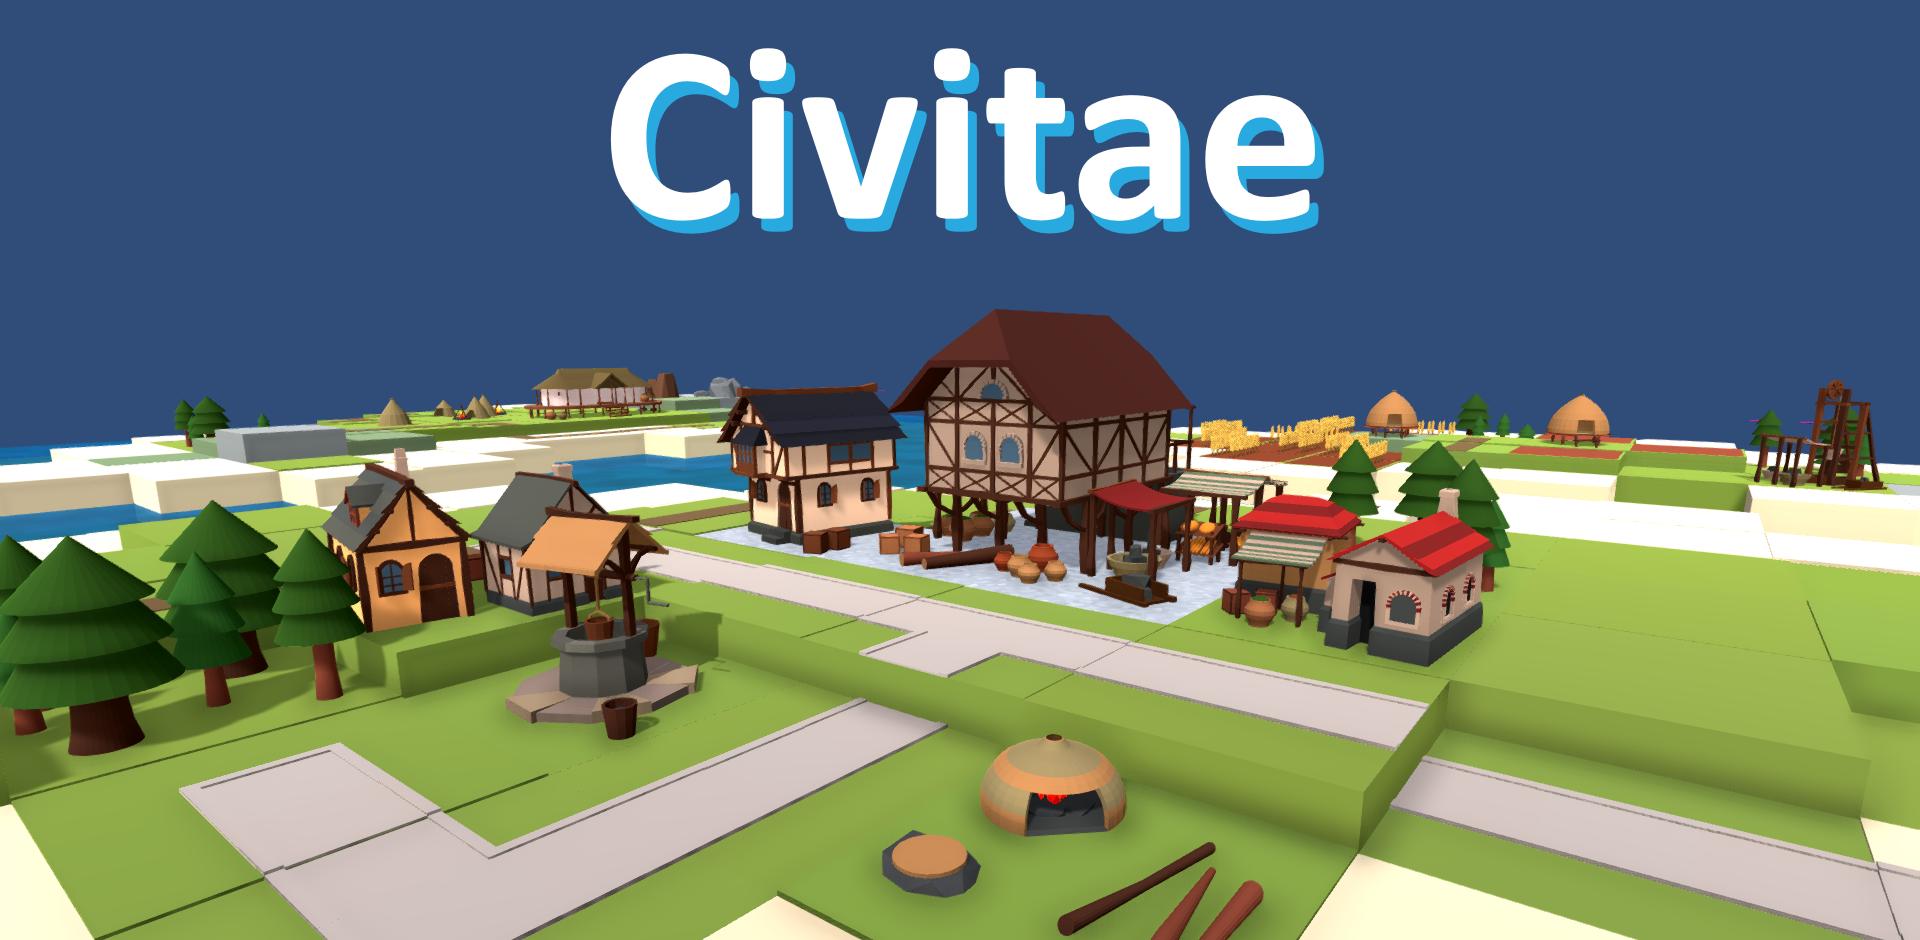 Civitae